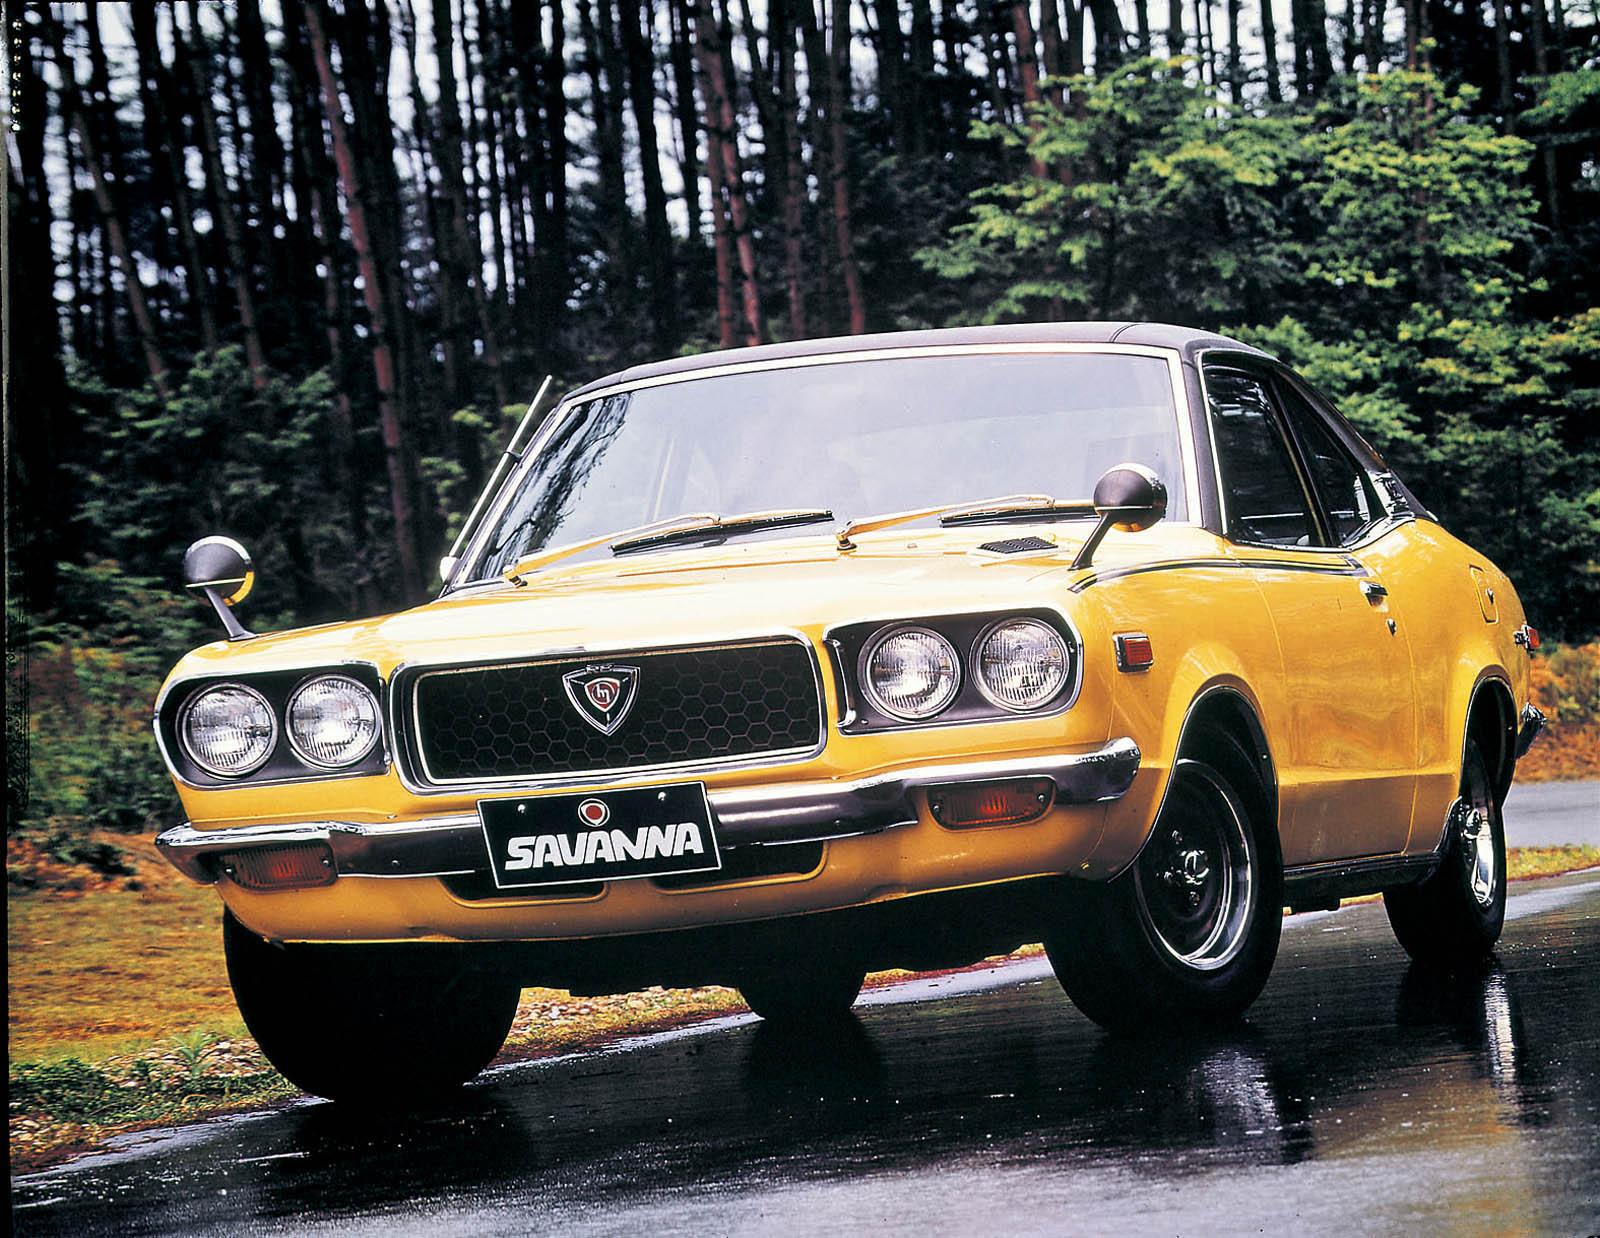 Mazda-50-years-of-rotary-p28_02